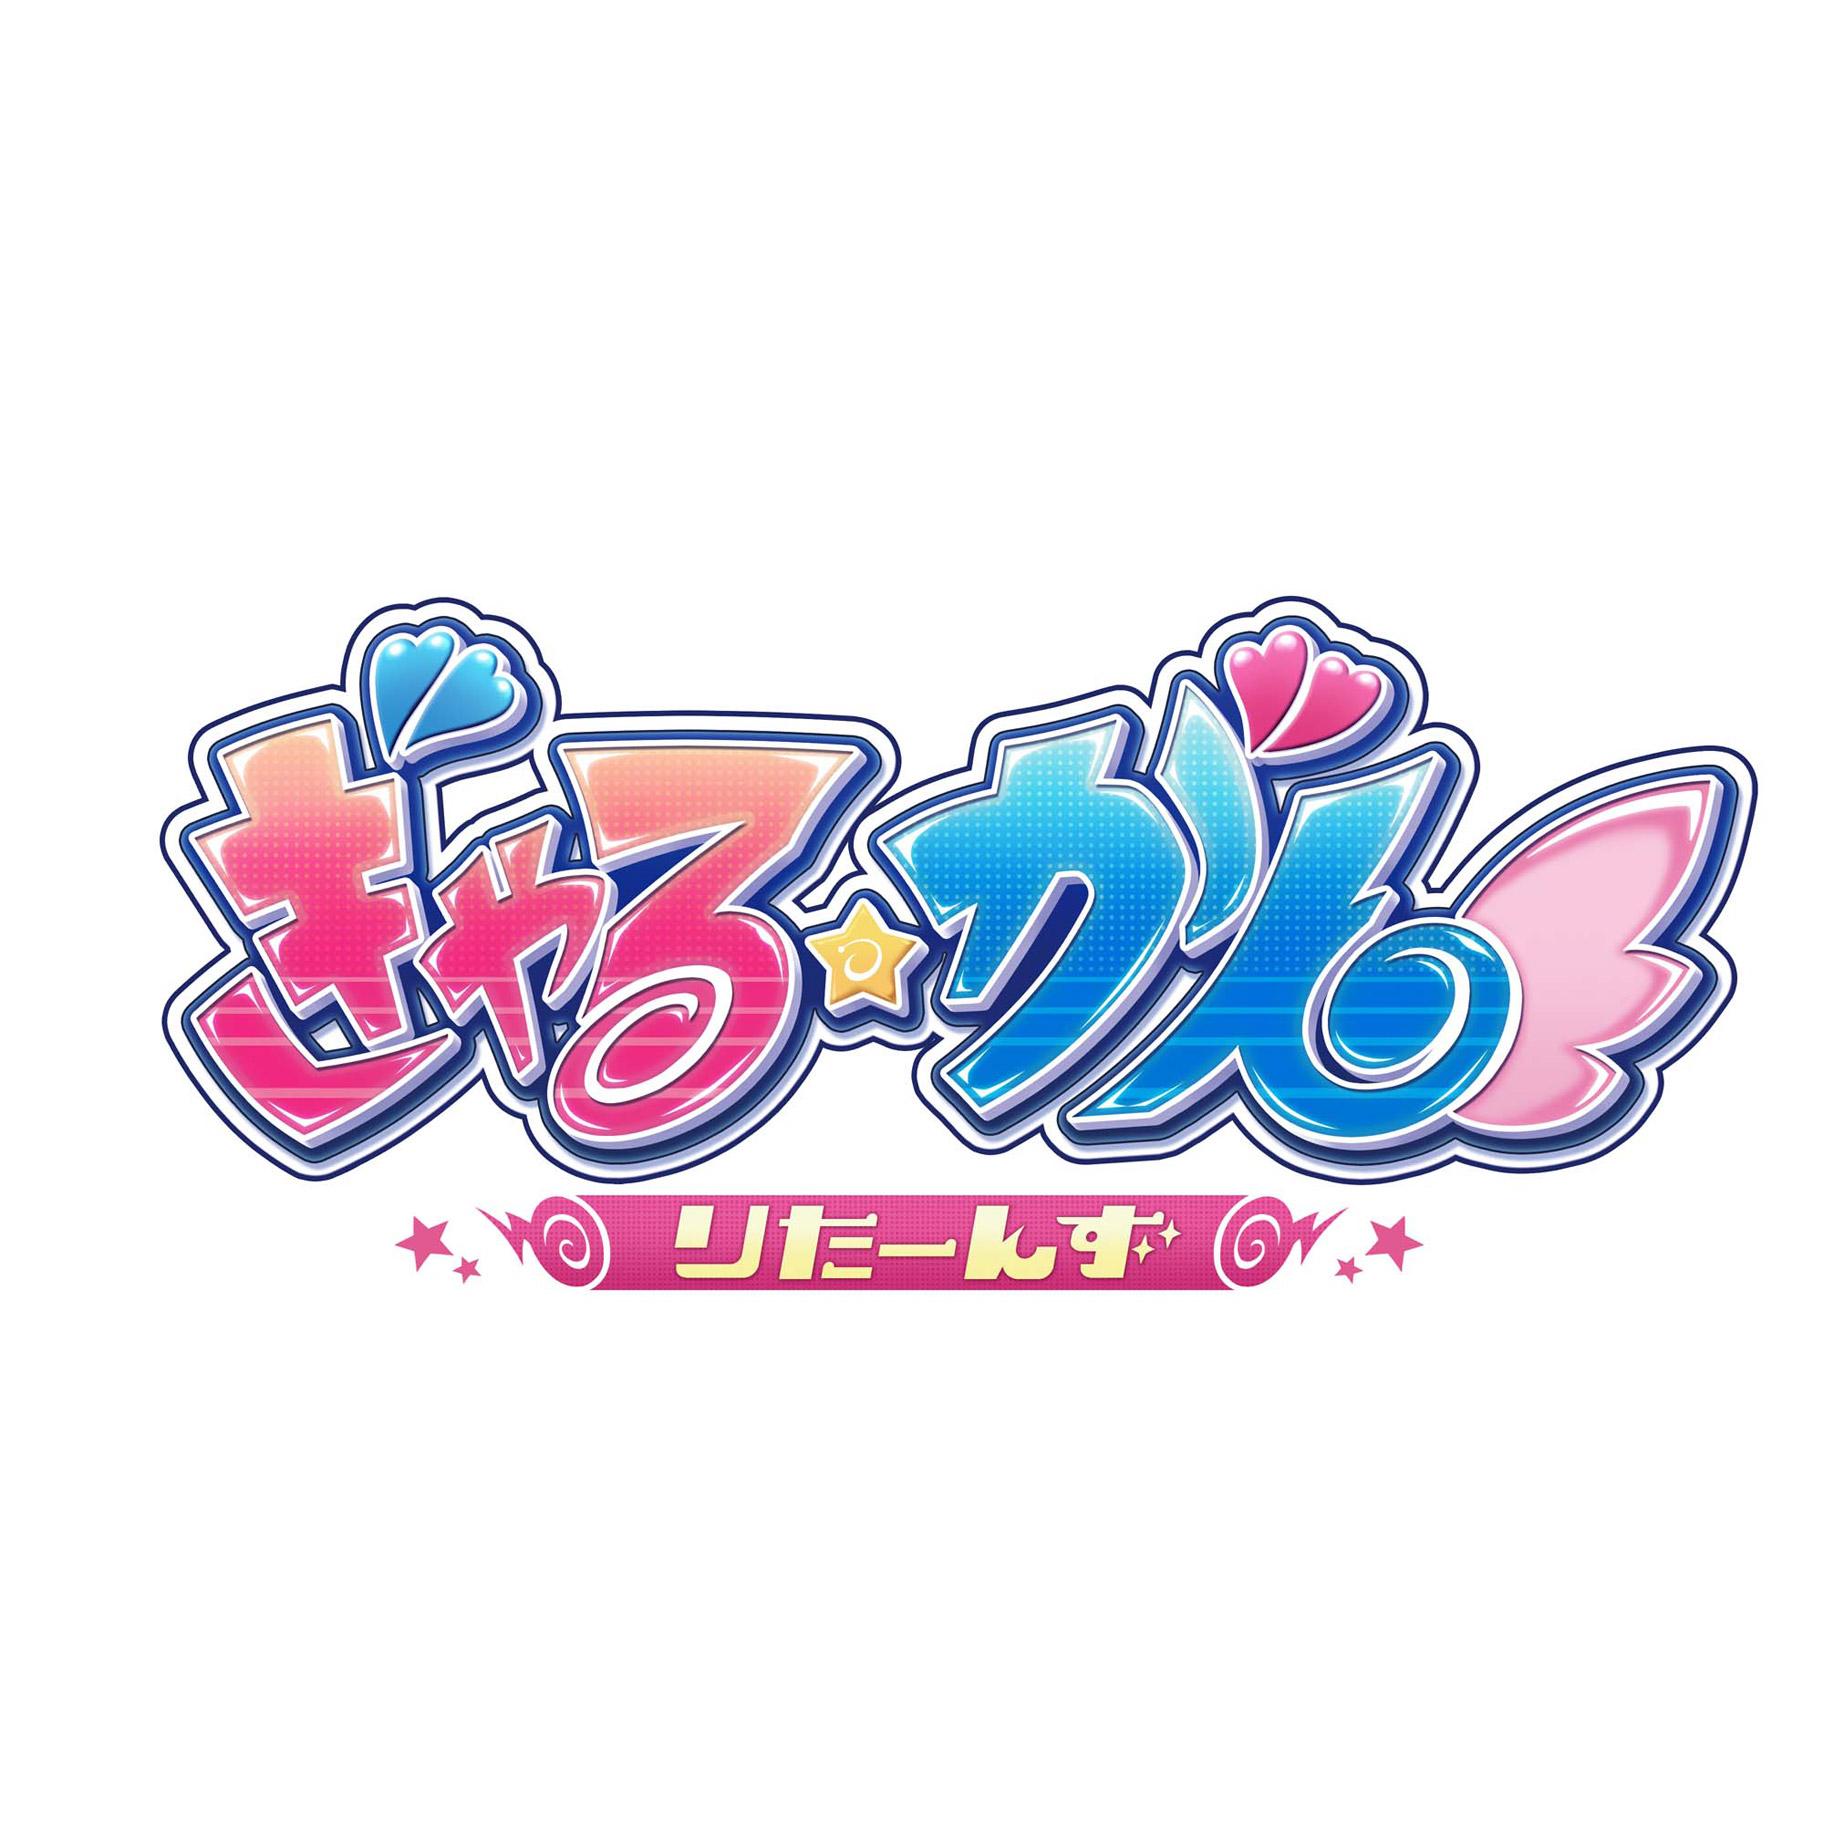 ぎゃる☆がん りたーんず 限定版〜シリーズ10周年記念セット〜 【Switchゲームソフト】_1